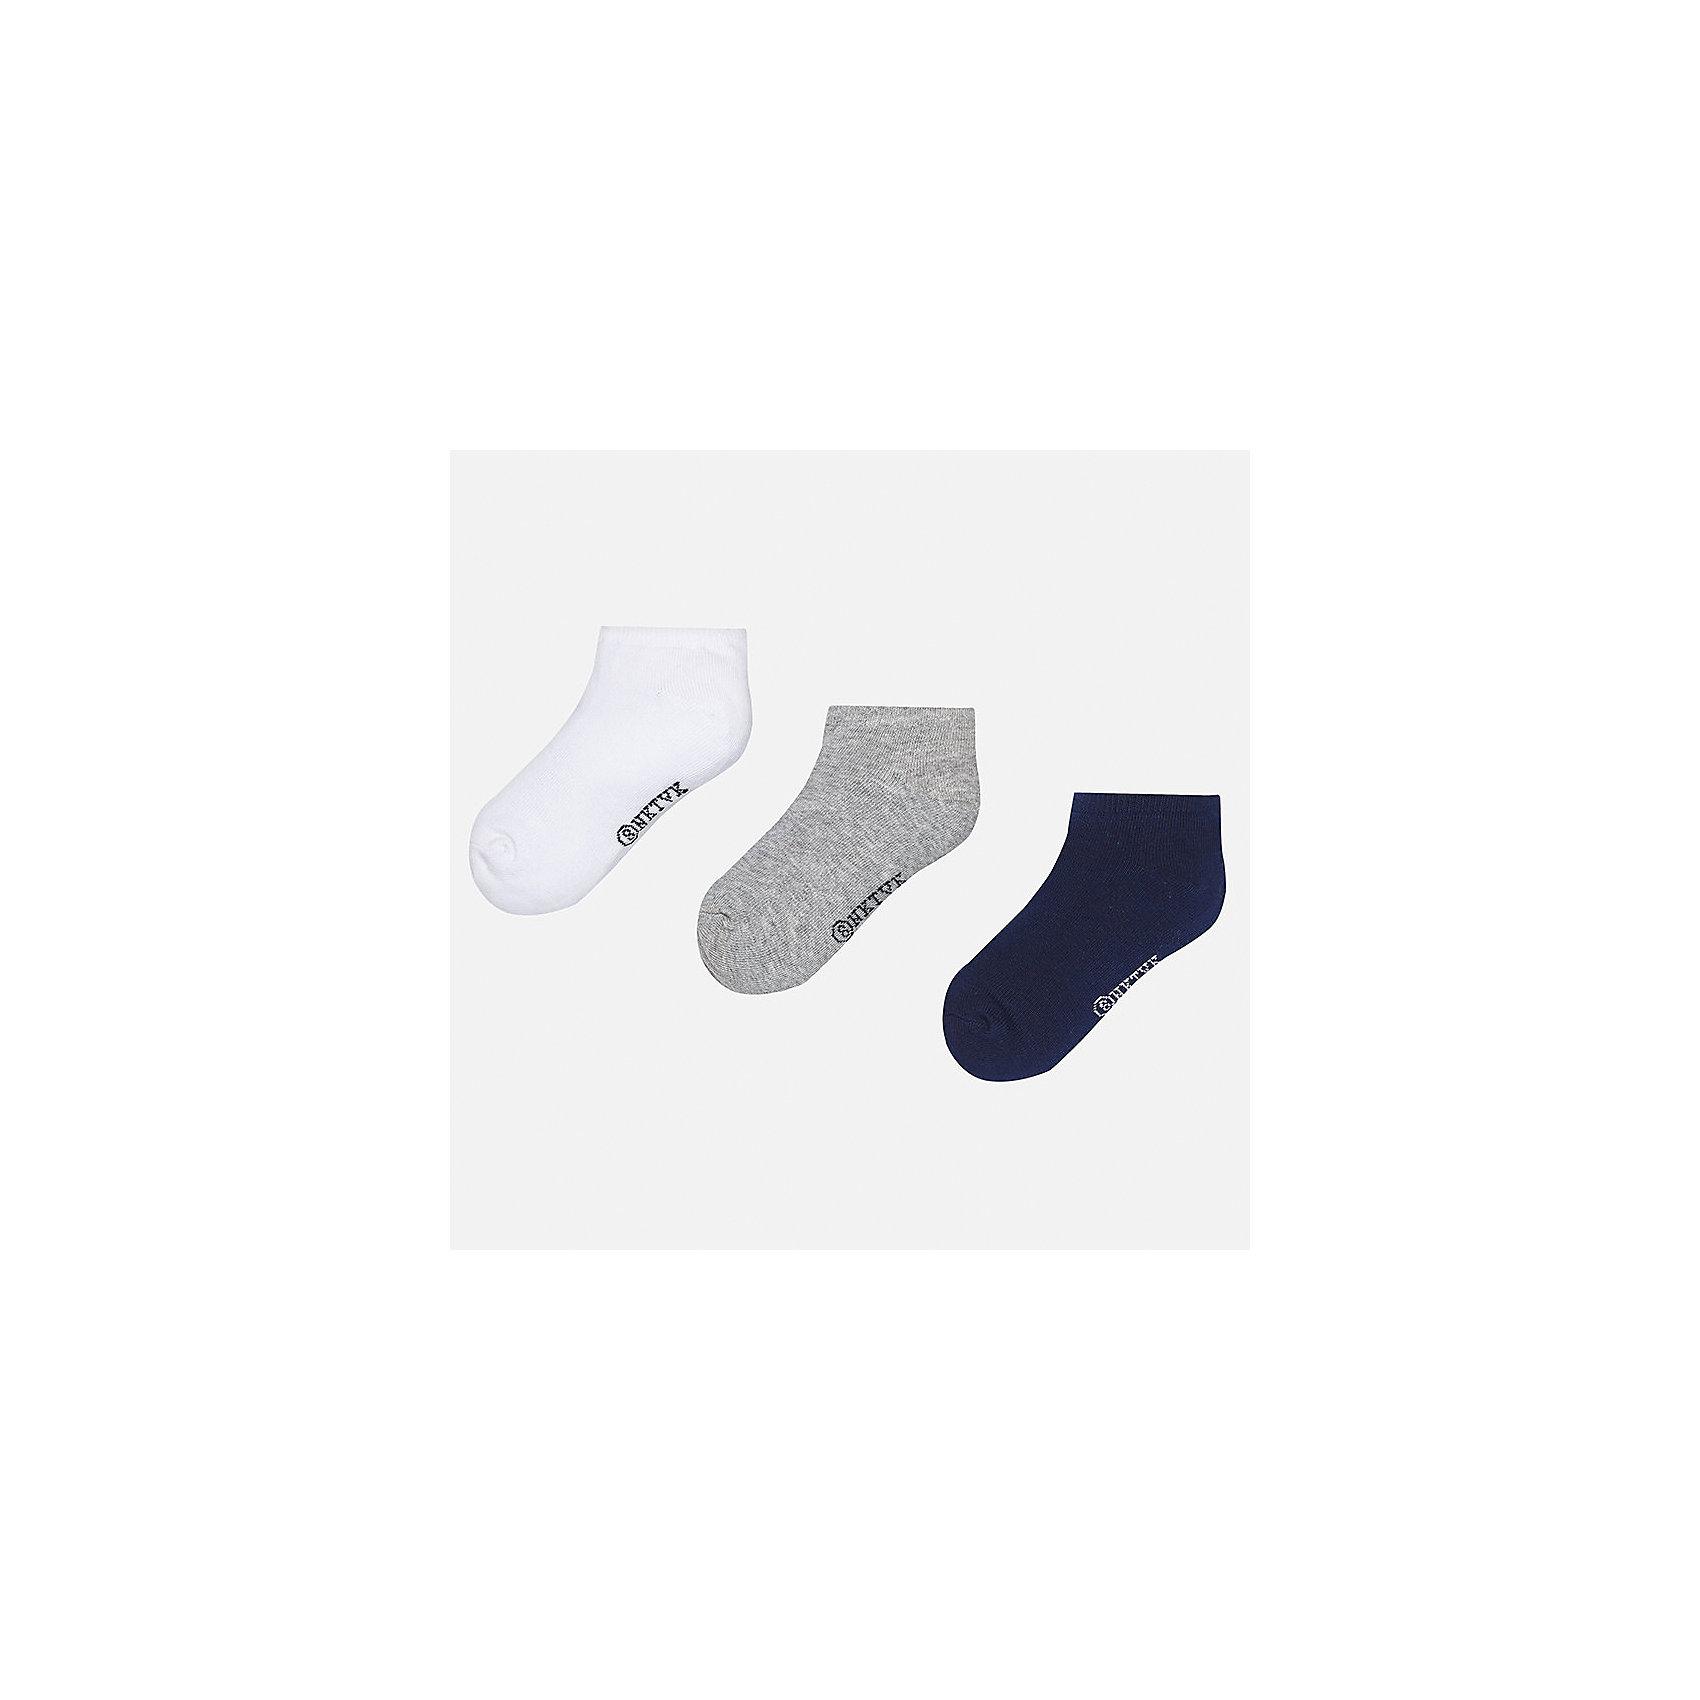 Носки (3 пары) для мальчика MayoralНоски<br>Характеристики товара:<br><br>• цвет: белы/серый/синий<br>• состав: 72% хлопок, 25% полиамид, 3% эластан<br>• комплектация: три пары<br>• мягкая резинка<br>• эластичный материал<br>• однотонные<br>• страна бренда: Испания<br><br>Удобные симпатичные носки для мальчика помогут обеспечить ребенку комфорт и дополнить наряд. Универсальный цвет позволяет надевать их под обувь разных расцветок. Носки удобно сидят на ноге и аккуратно смотрятся. Этот комплект - практичный и красивый! В составе материала - натуральный хлопок, гипоаллергенный, приятный на ощупь, дышащий. <br><br>Одежда, обувь и аксессуары от испанского бренда Mayoral полюбились детям и взрослым по всему миру. Модели этой марки - стильные и удобные. Для их производства используются только безопасные, качественные материалы и фурнитура. Порадуйте ребенка модными и красивыми вещами от Mayoral! <br><br>Носки (3 пары) для мальчика от испанского бренда Mayoral (Майорал) можно купить в нашем интернет-магазине.<br><br>Ширина мм: 87<br>Глубина мм: 10<br>Высота мм: 105<br>Вес г: 115<br>Цвет: серый<br>Возраст от месяцев: 168<br>Возраст до месяцев: 192<br>Пол: Мужской<br>Возраст: Детский<br>Размер: 16,8,14,12,10<br>SKU: 5282133